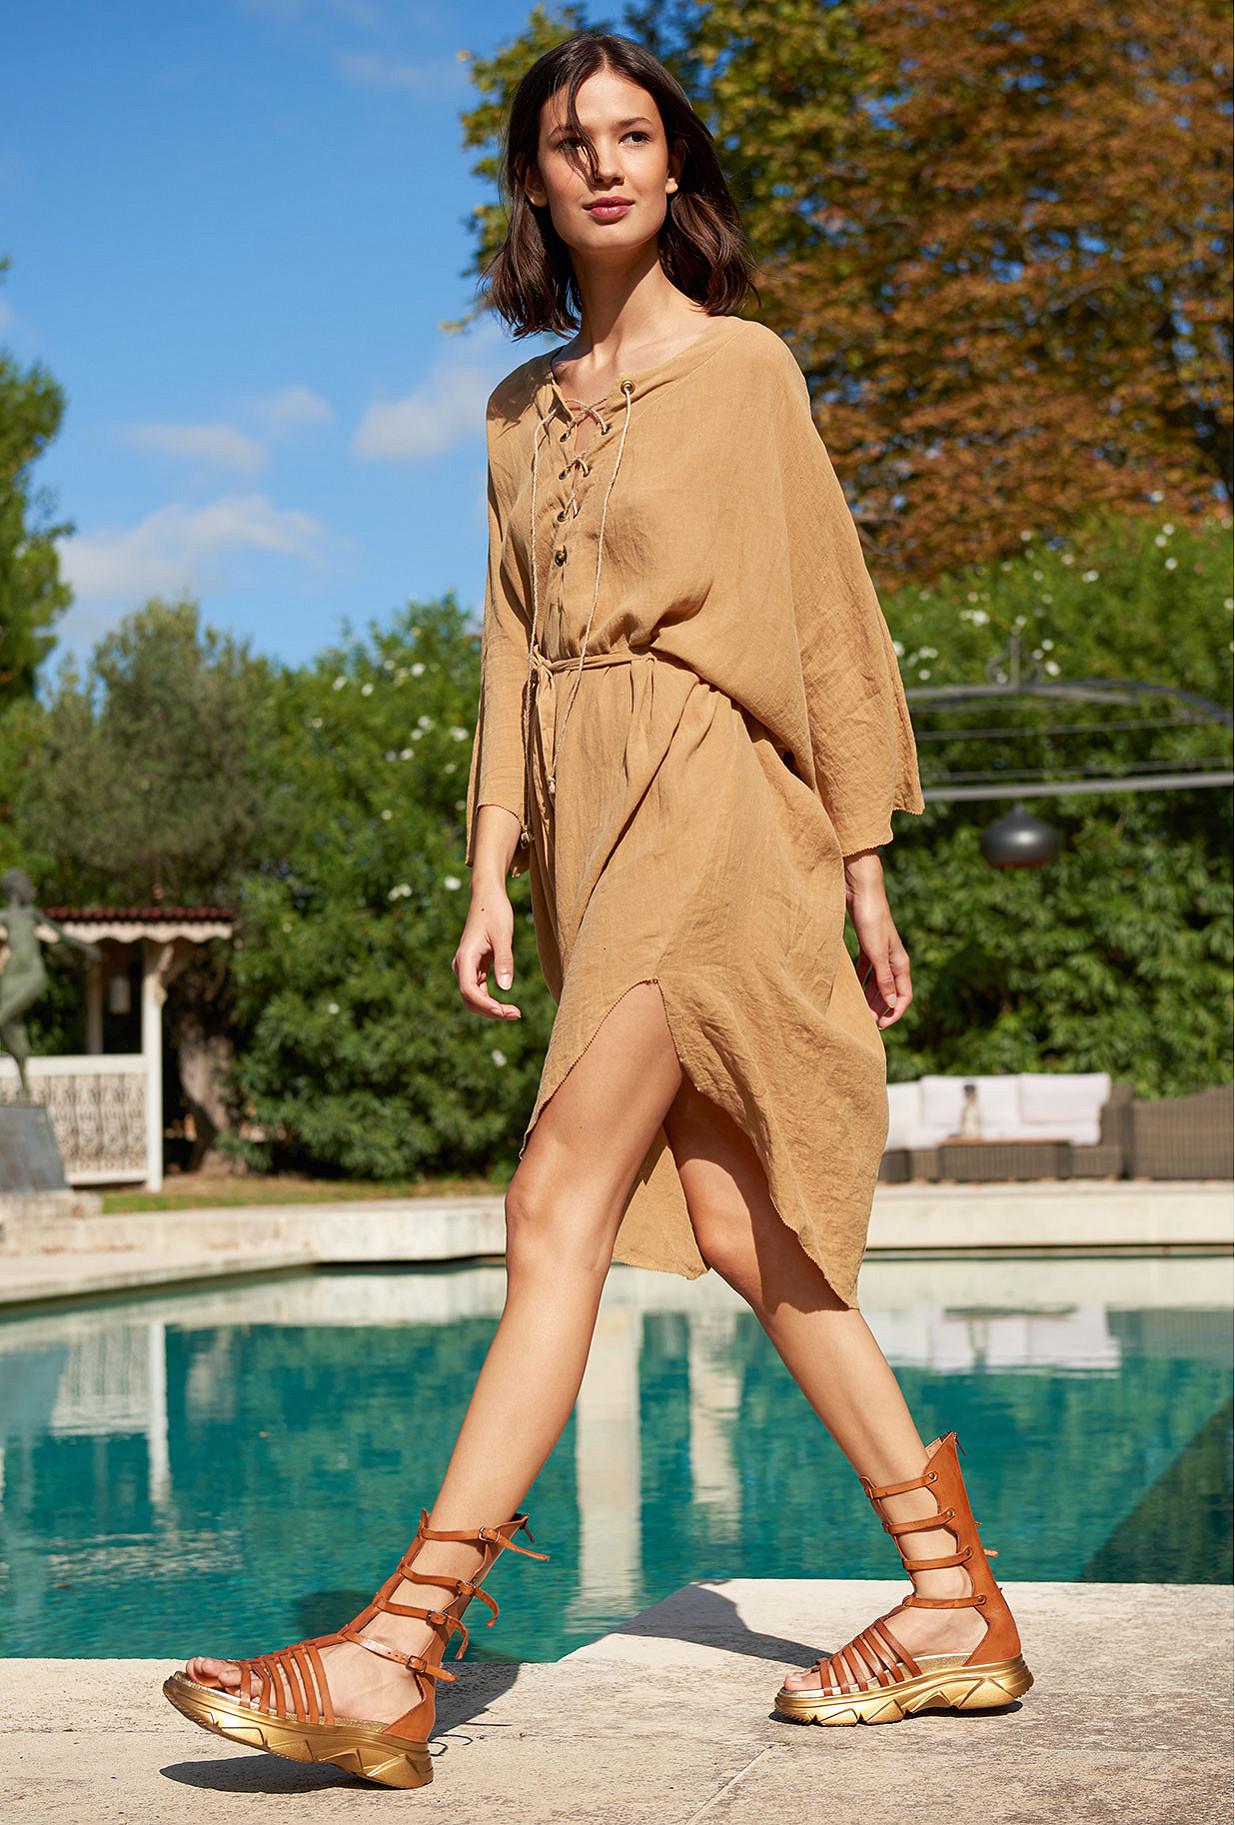 Sand  Dress  Paraiso Mes demoiselles fashion clothes designer Paris